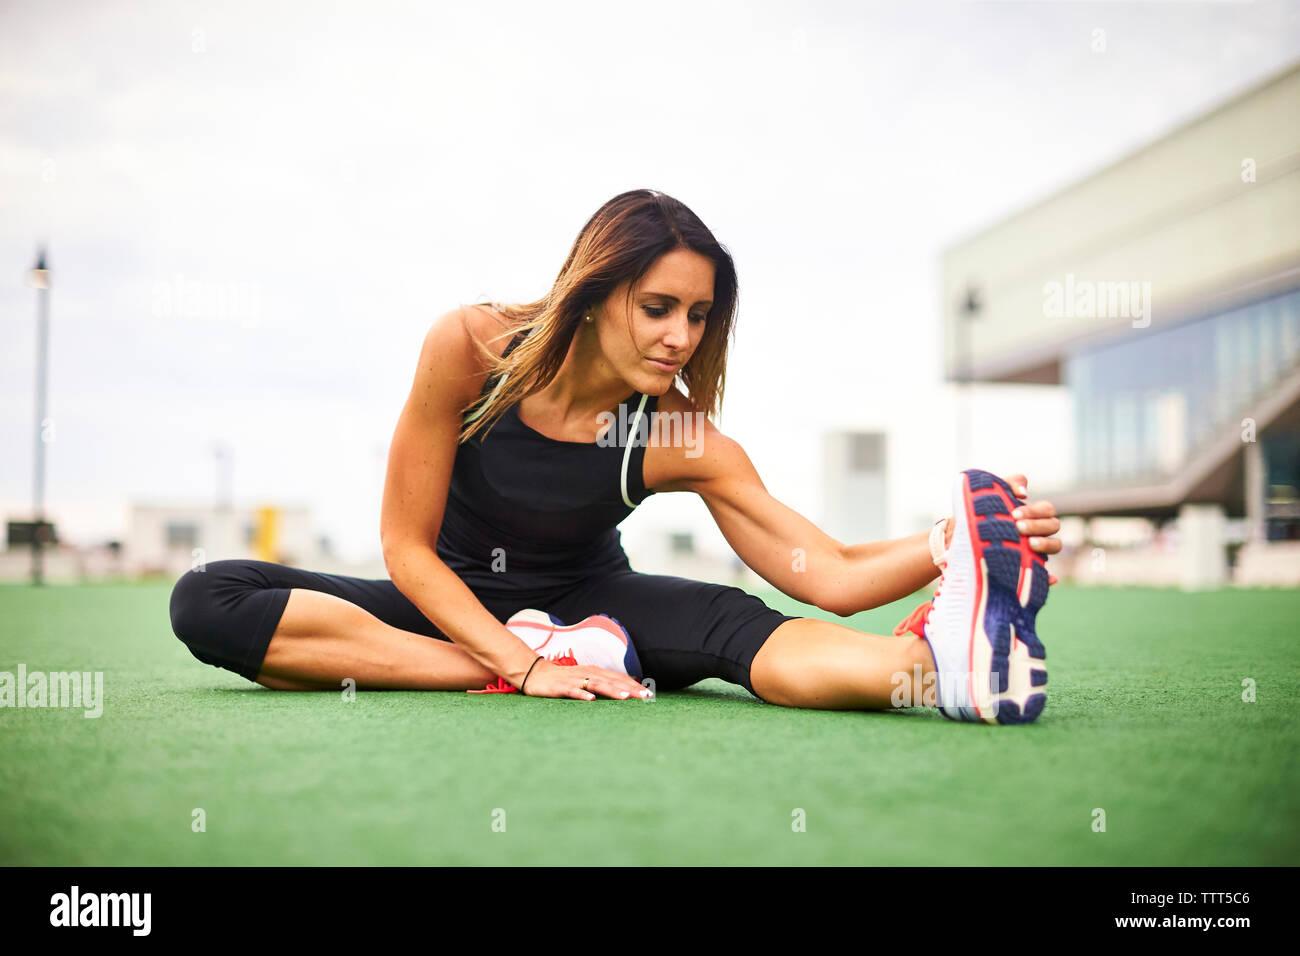 Eine sportliche Frau, die sich auf Rasen. Stockfoto